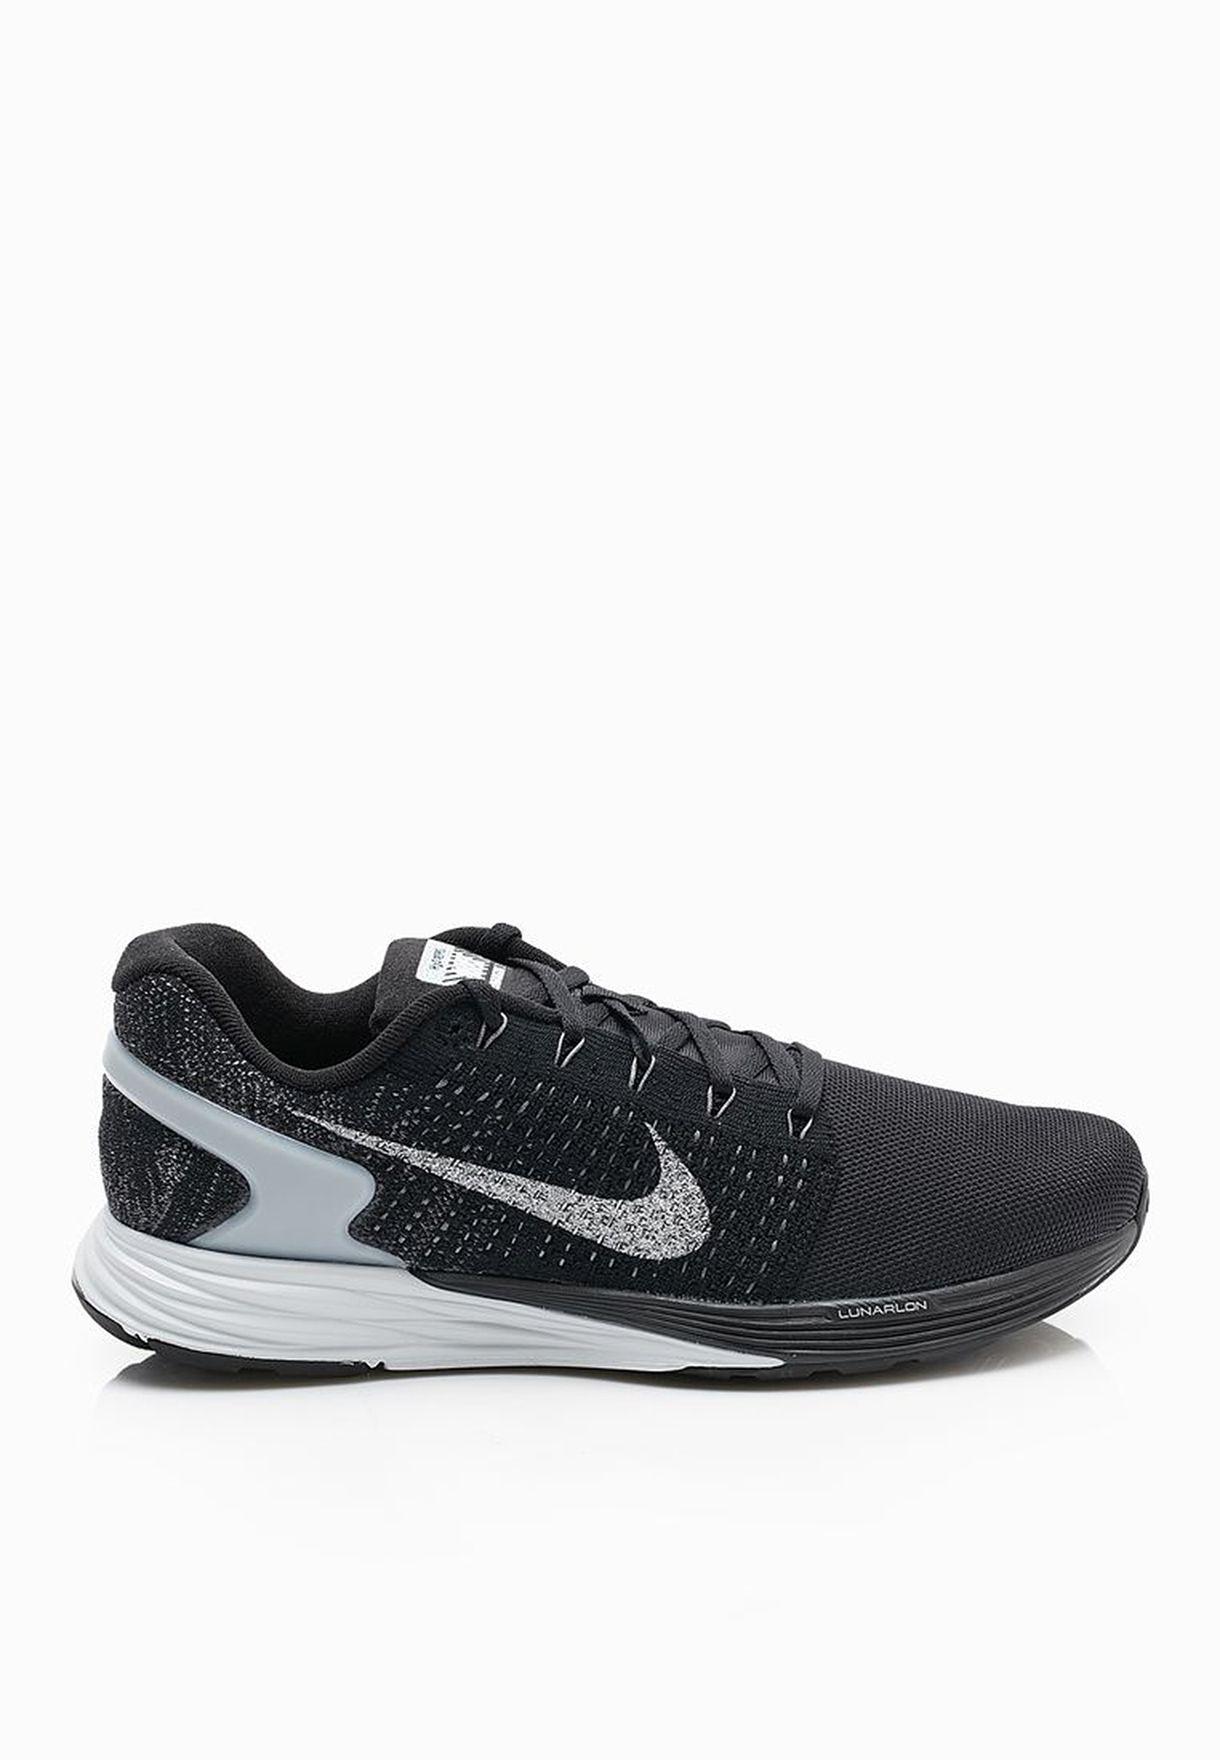 dad5fbe8577 Shop Nike black Lunarglide 7 Flash 803566-001 for Men in UAE ...